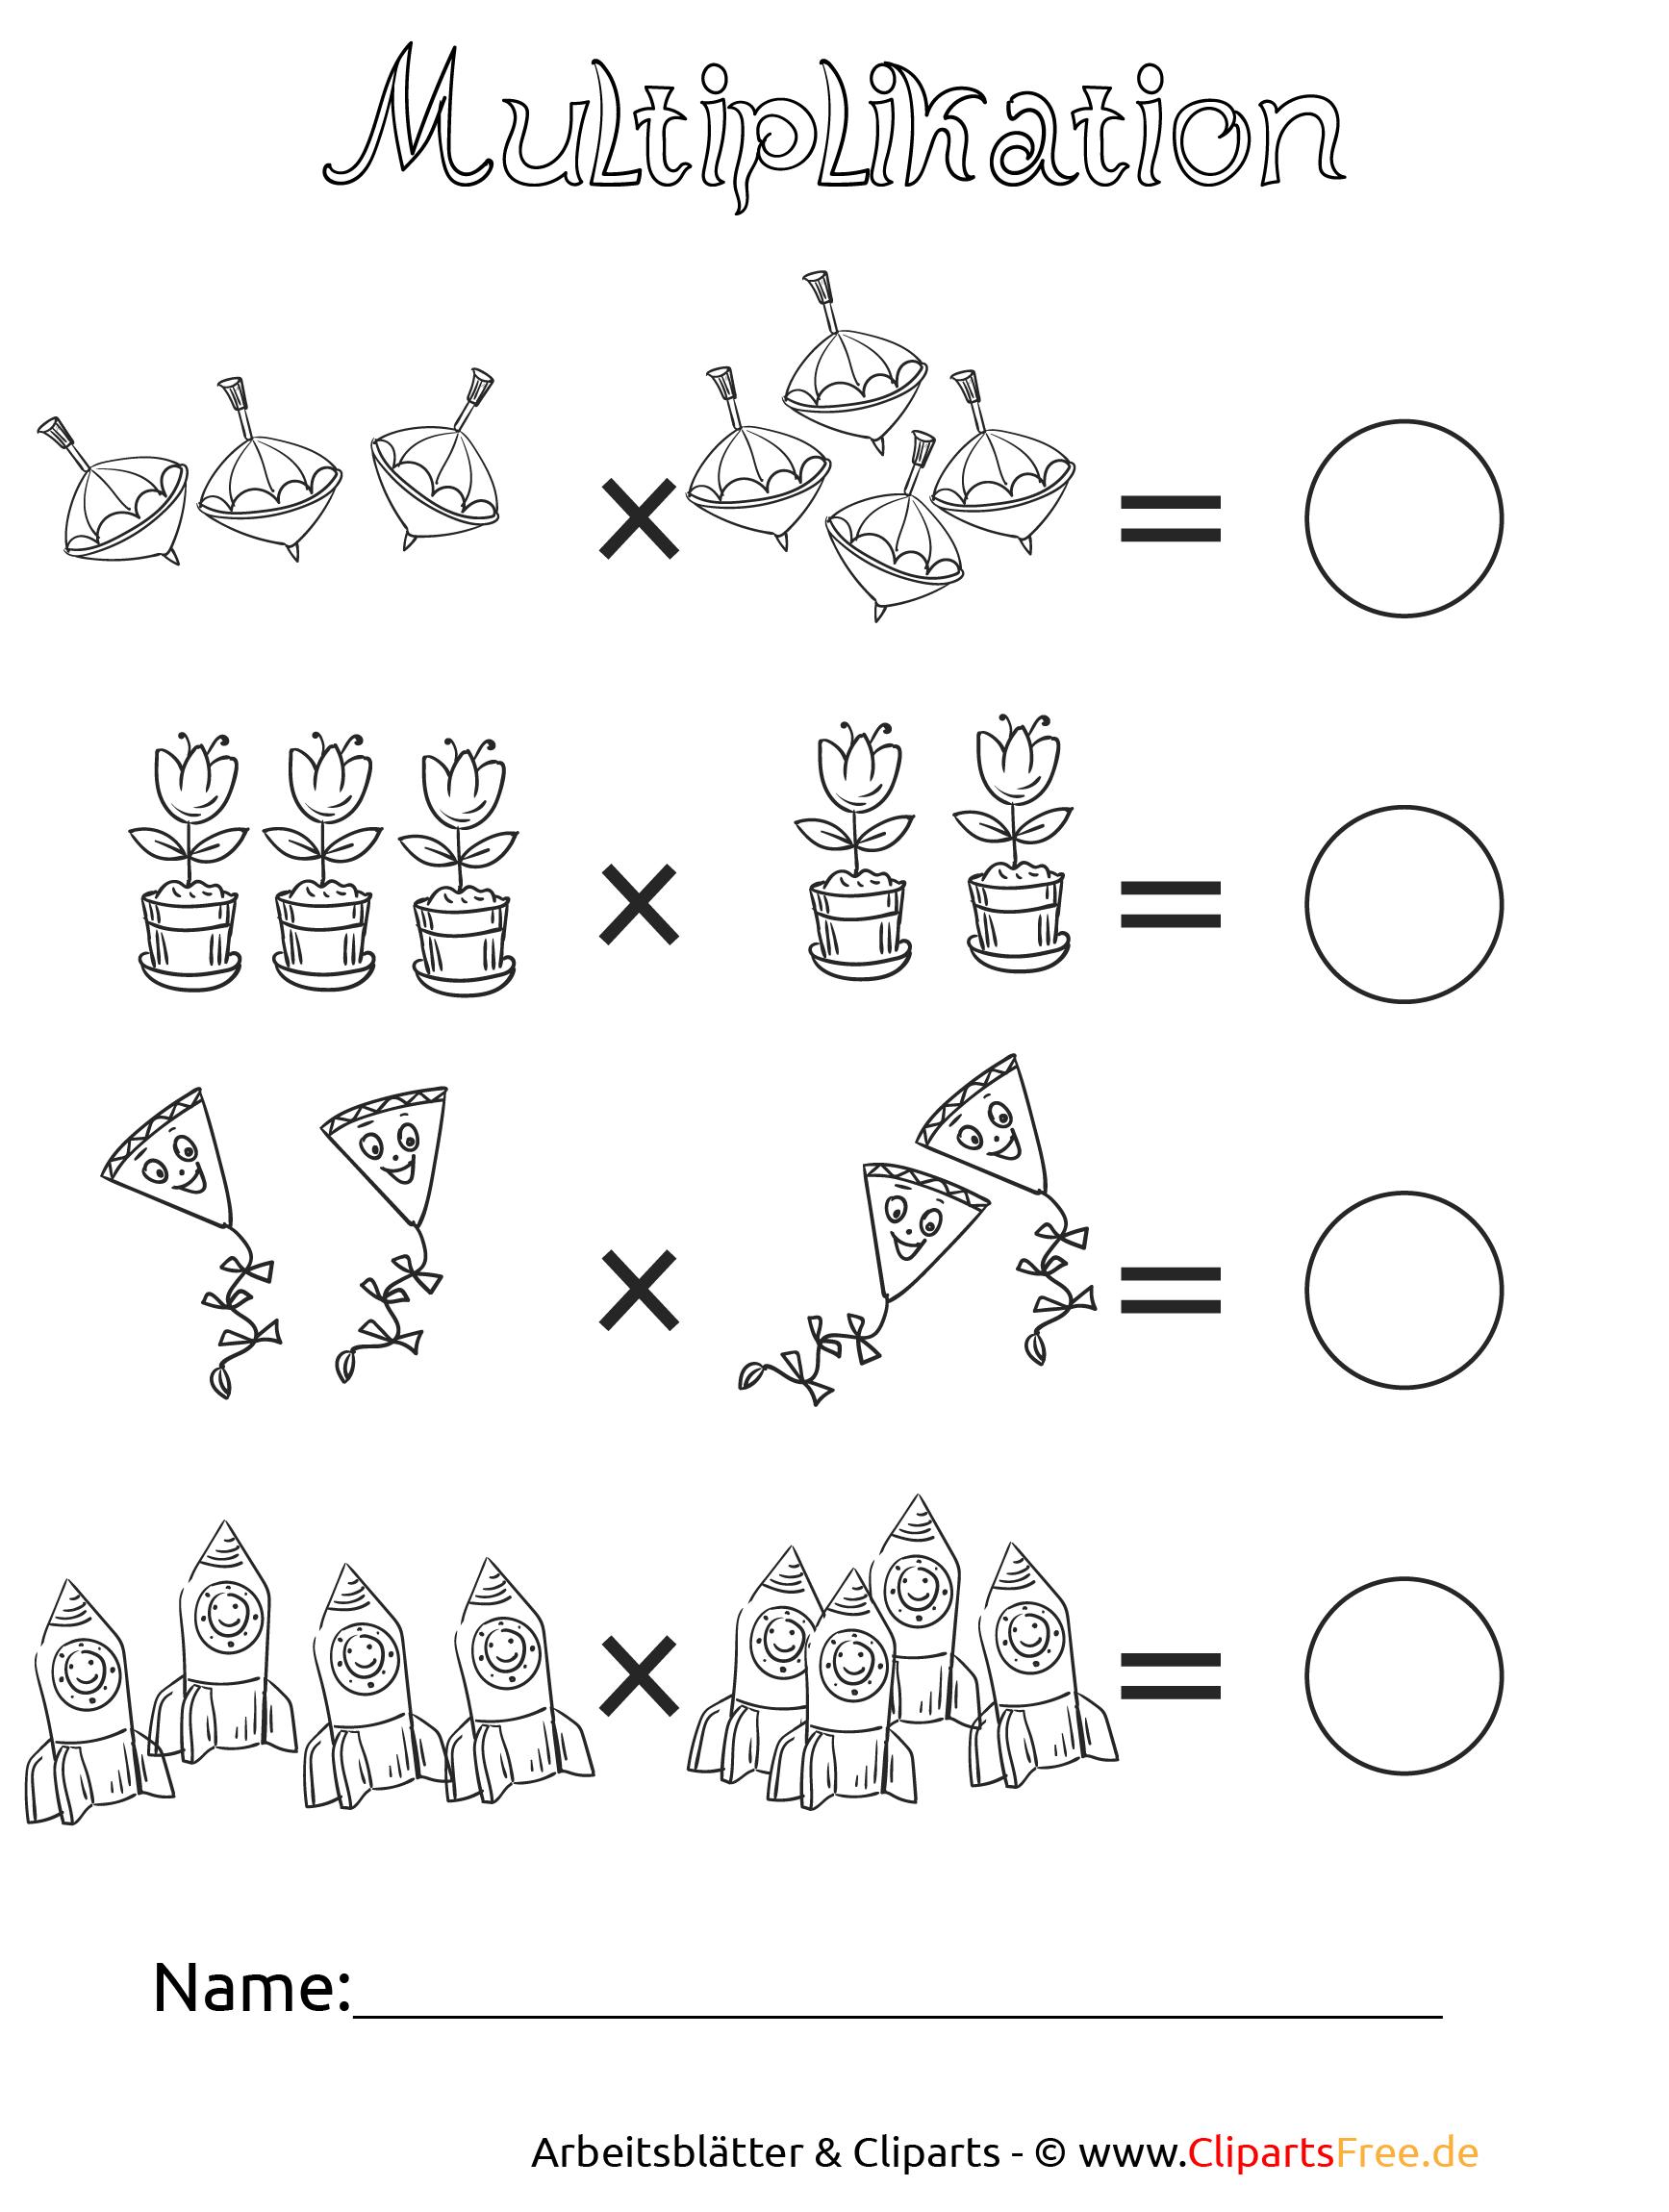 Multiplikation Druckvorlagen in der Grundschule